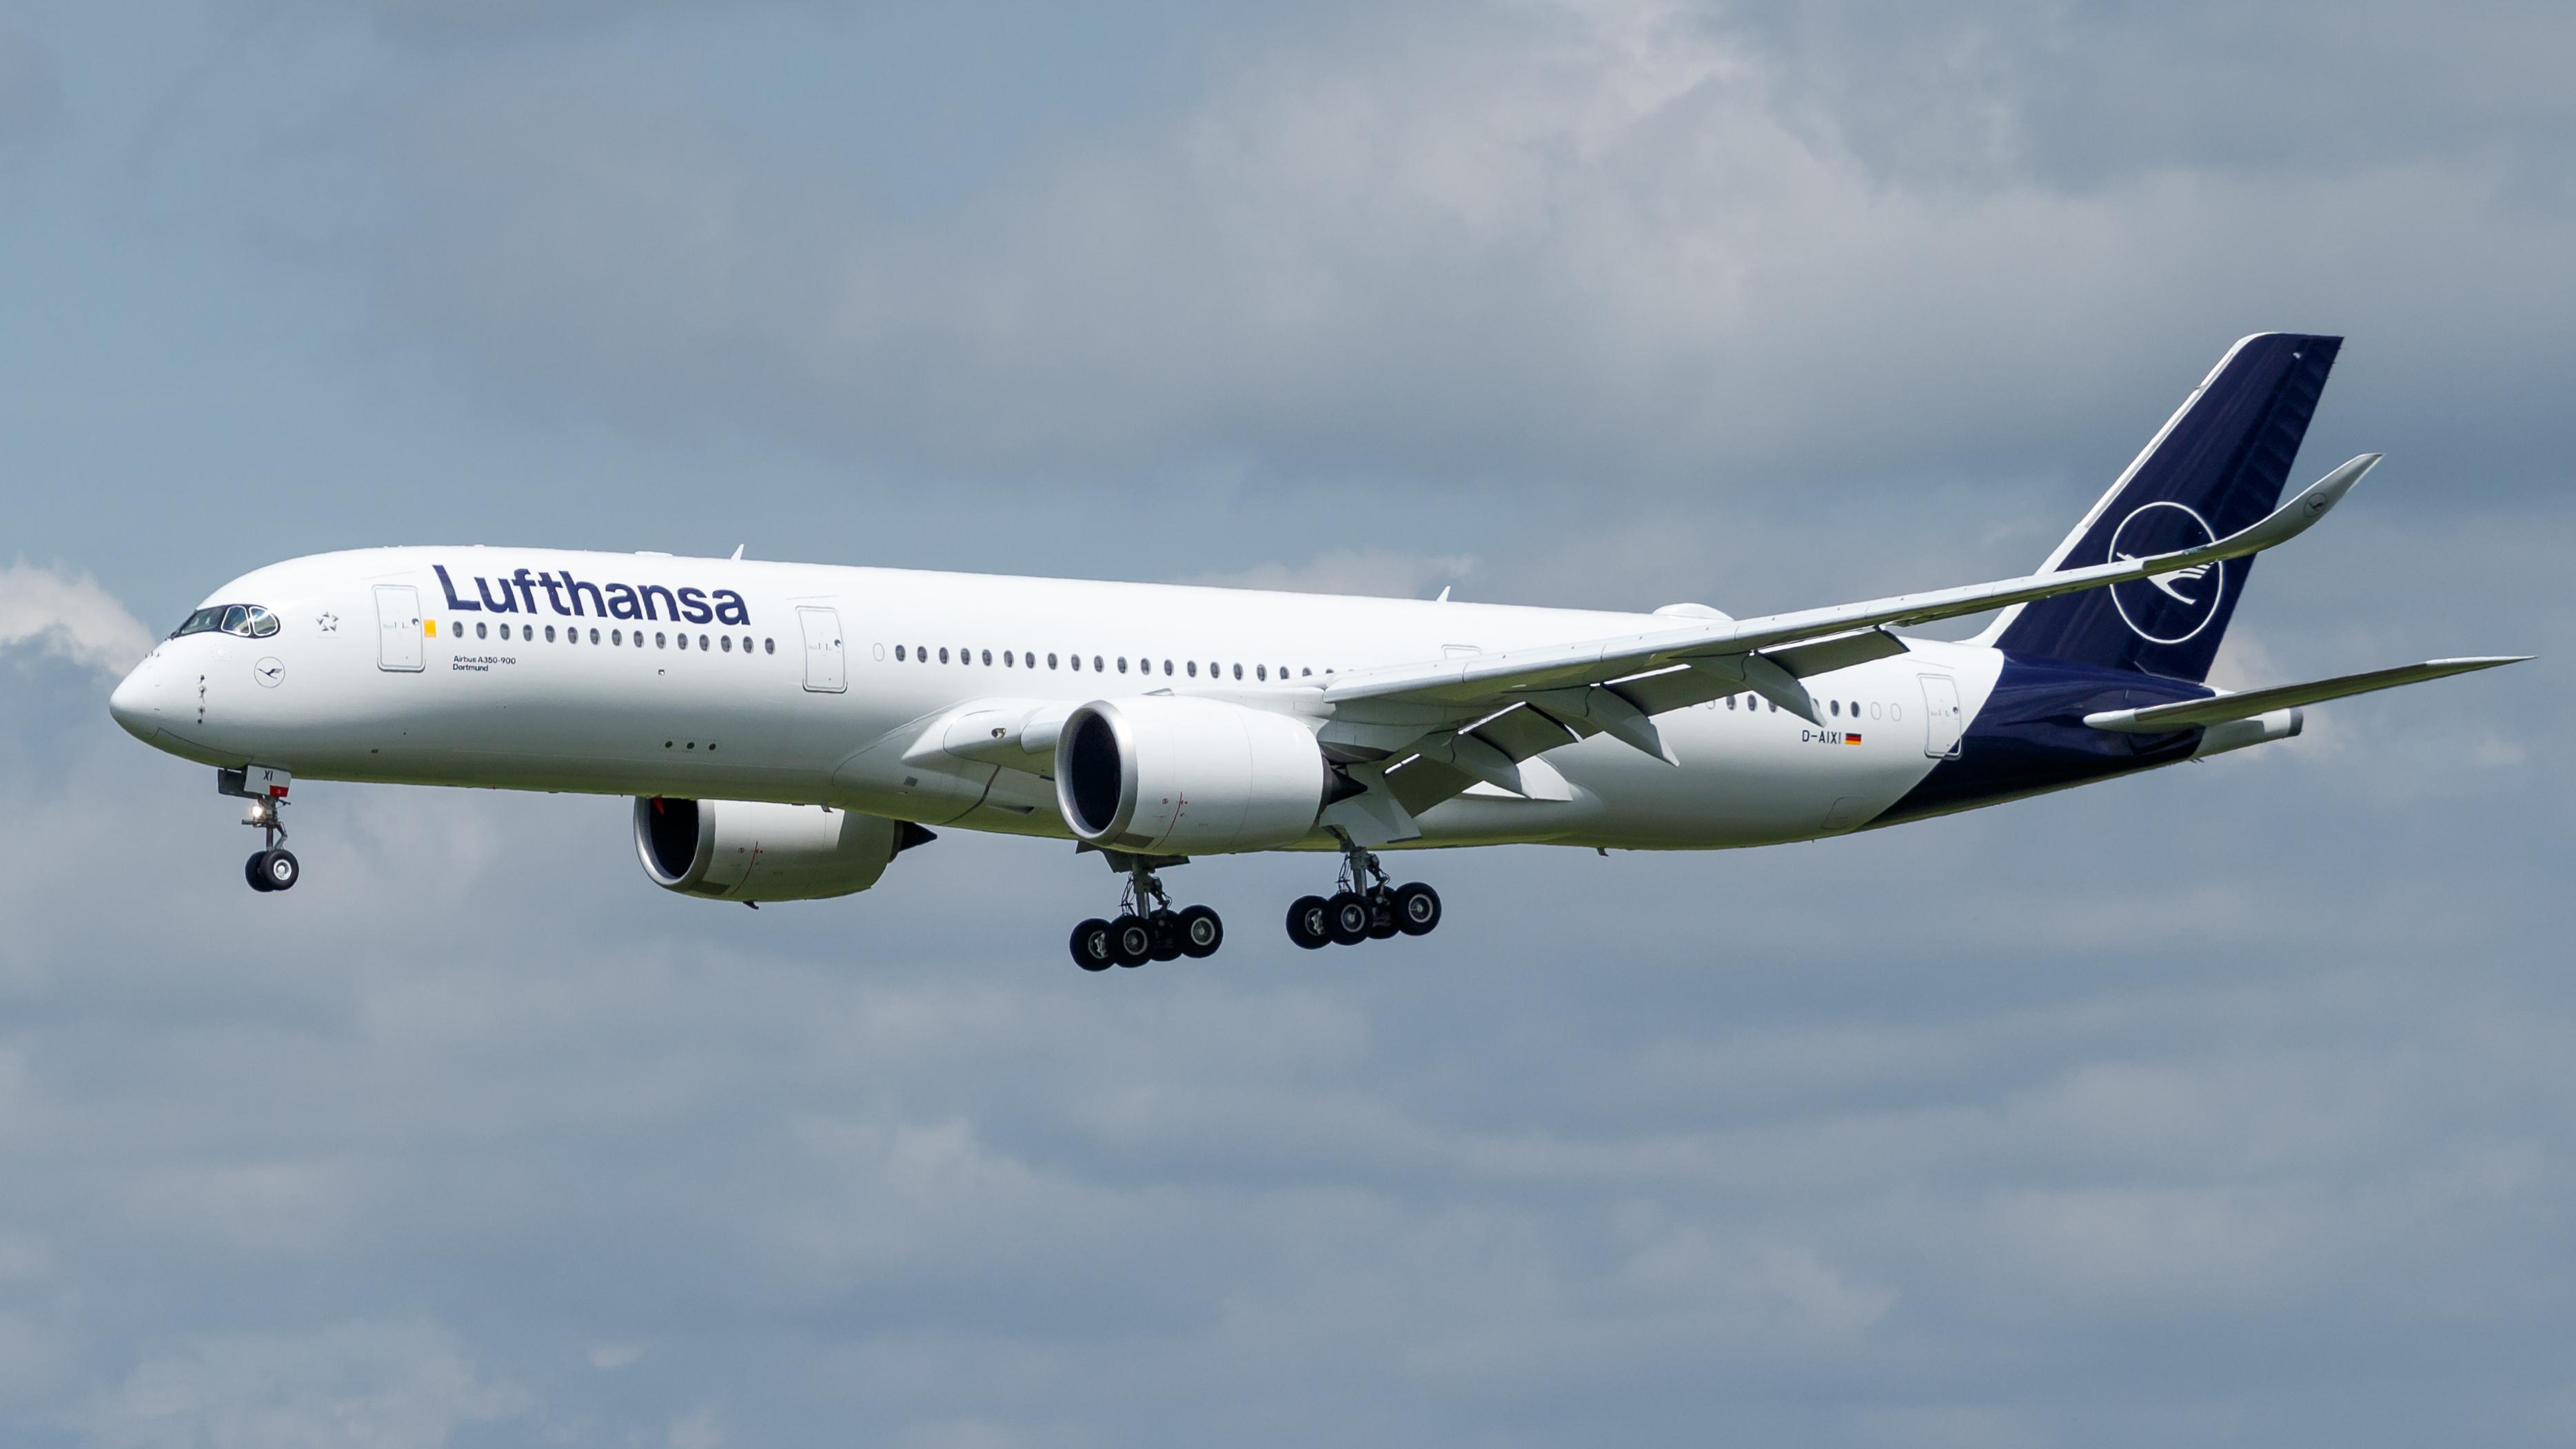 Lufthansa – Wikipedia